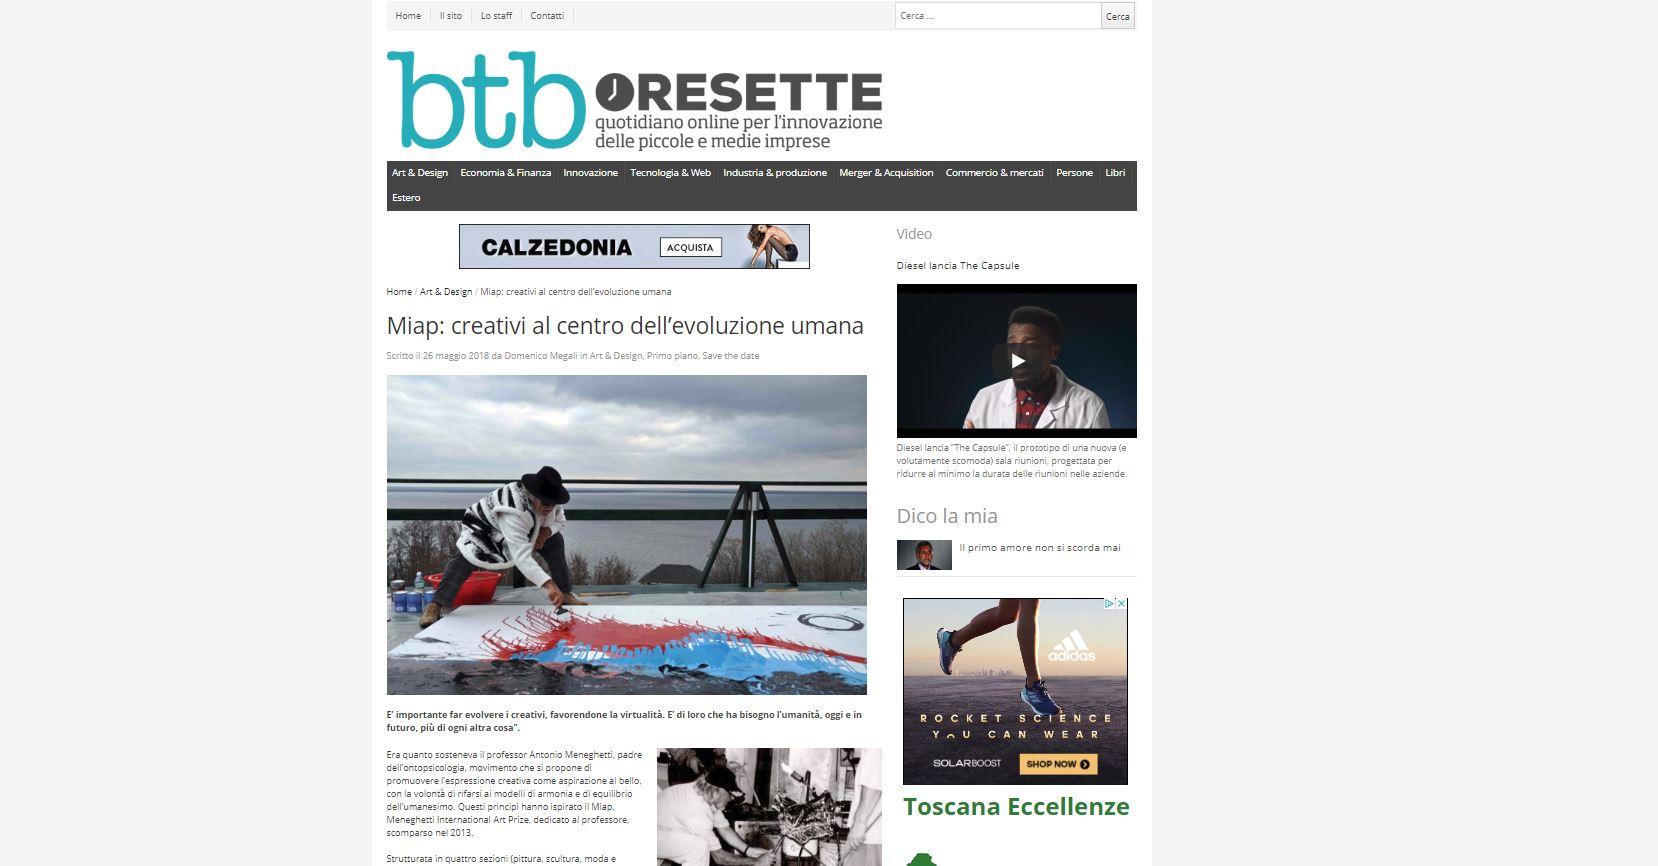 btboresette.com